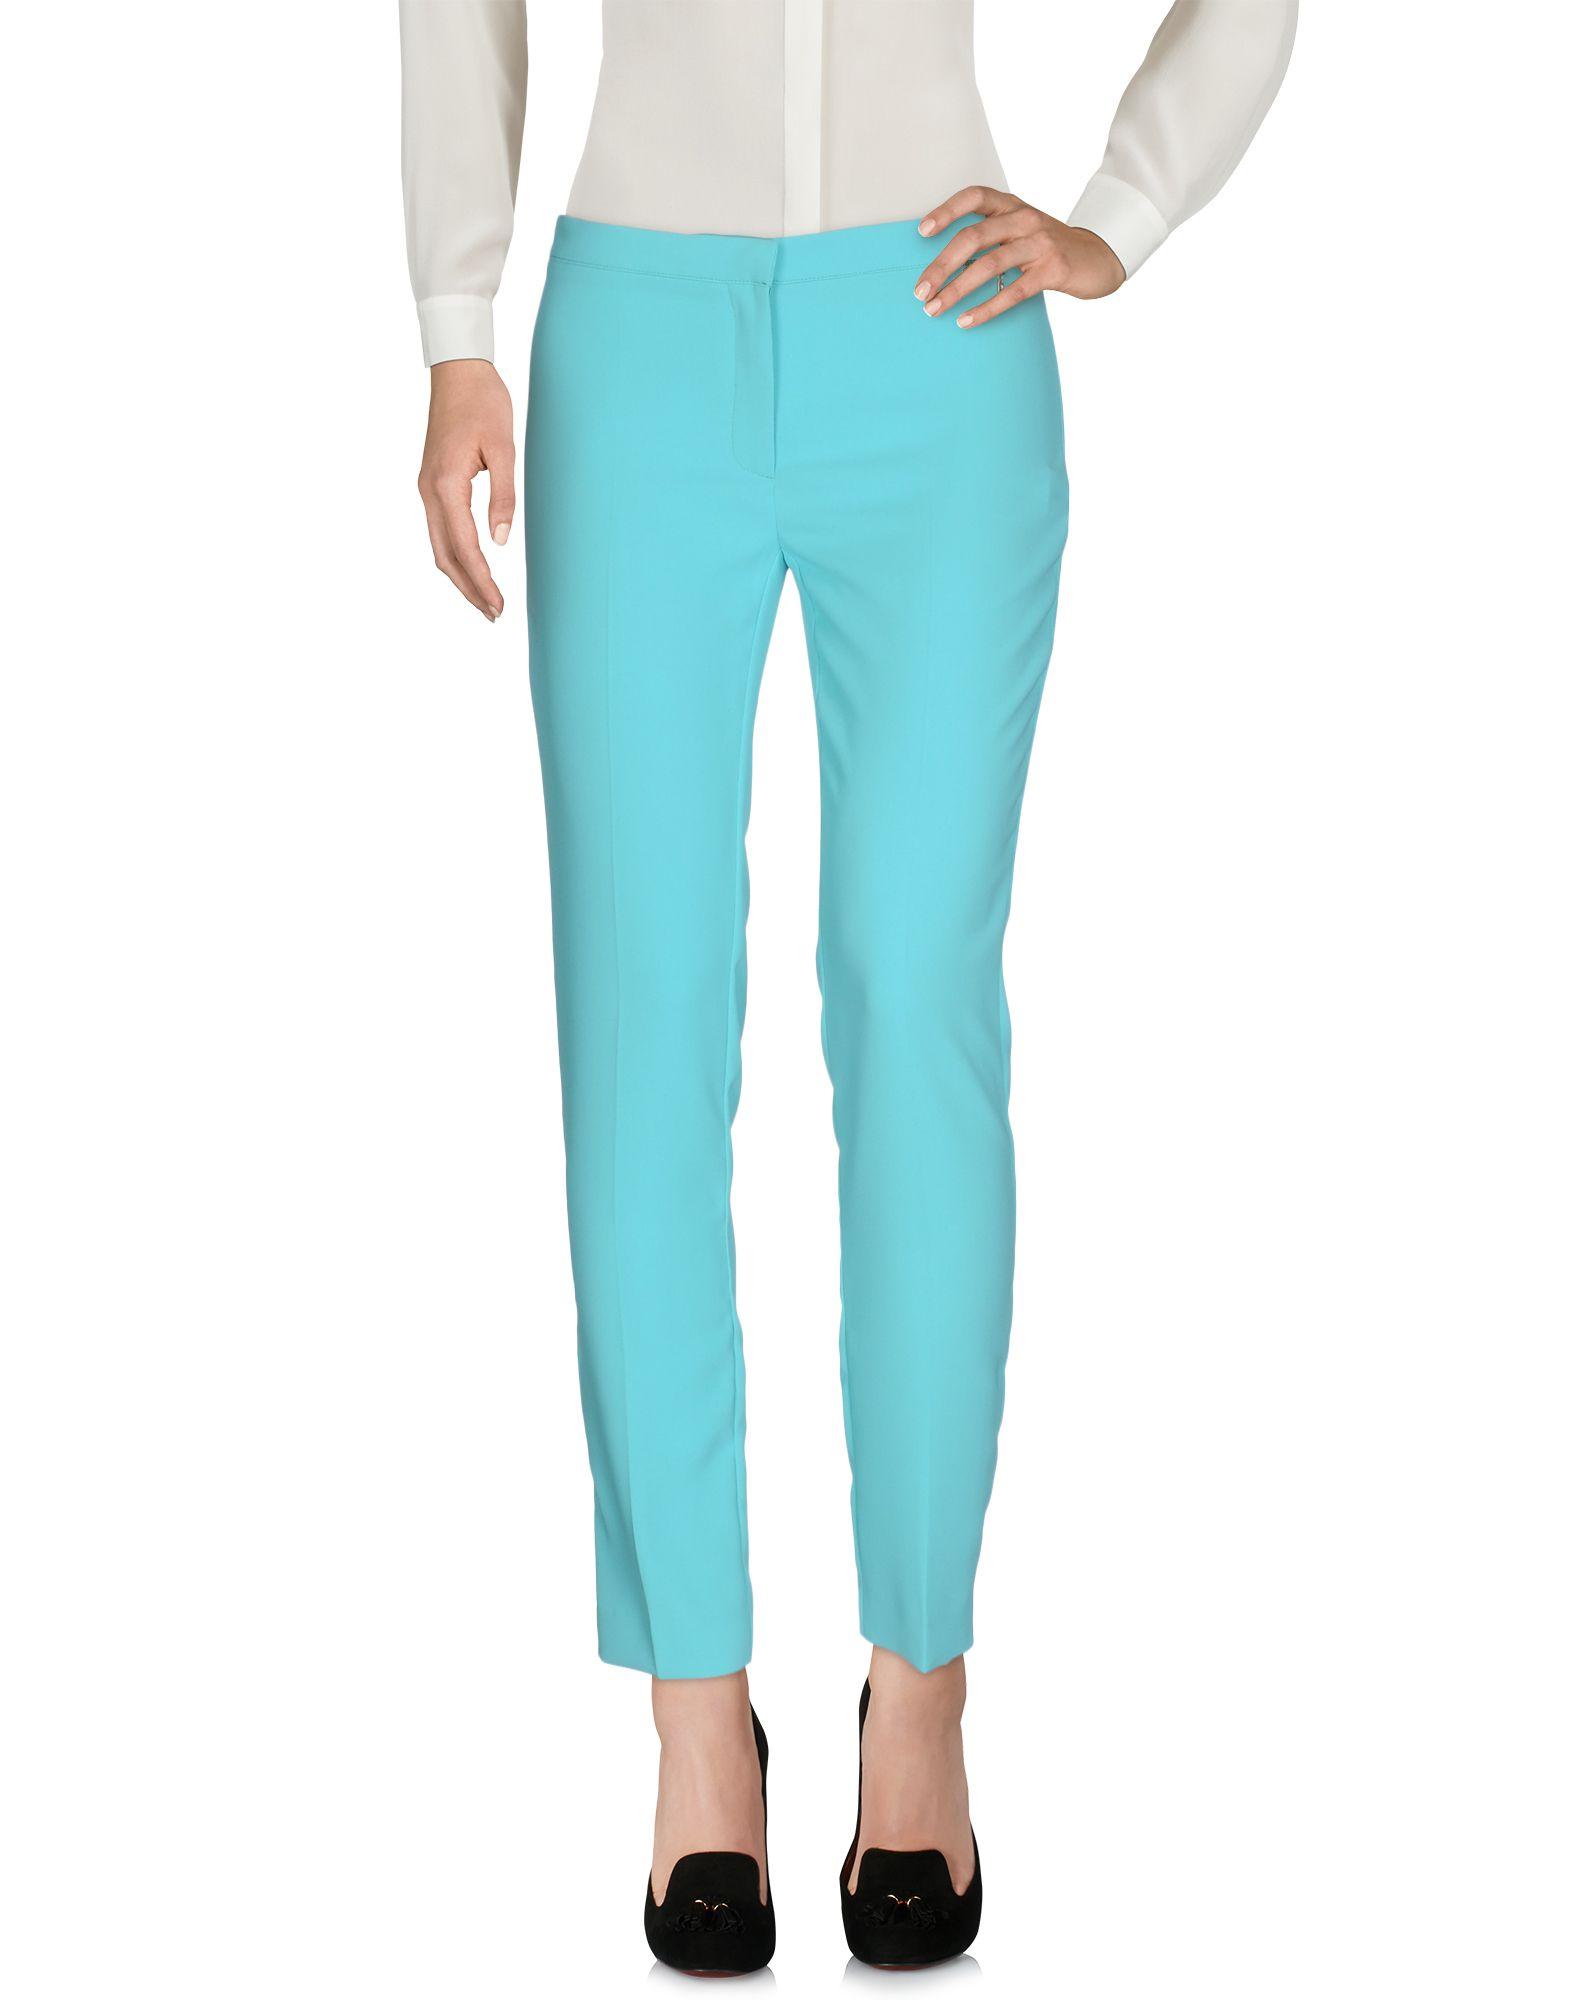 Pantalone Cló By Claudia B. damen - 13013975WT